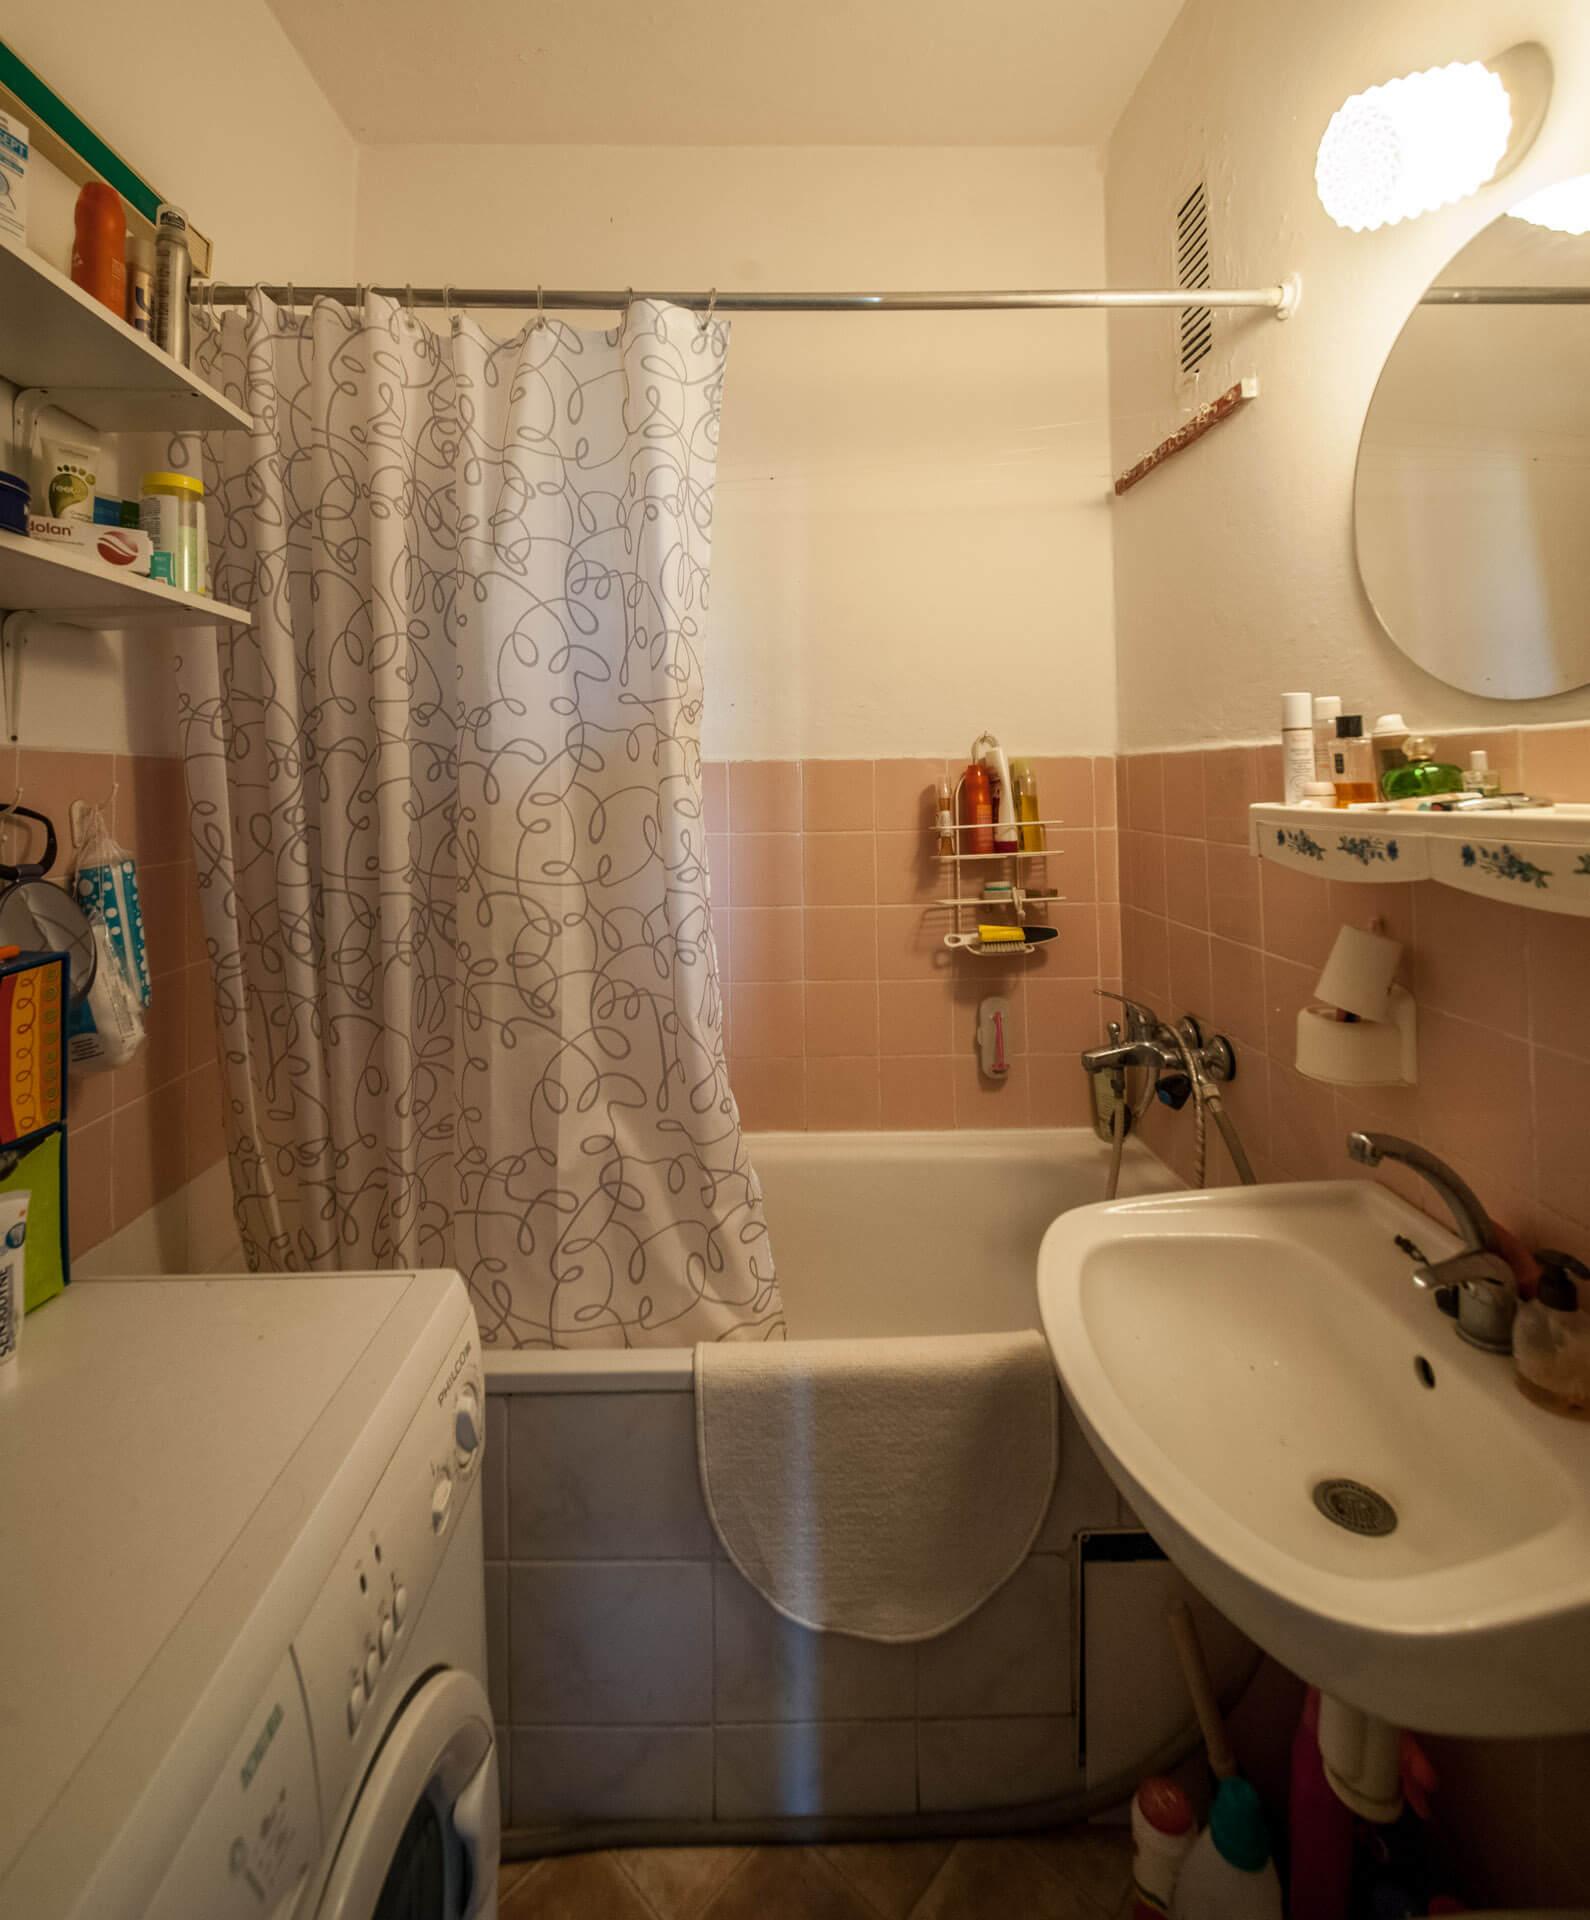 Predané – 4 izbový byt po čiastočnej rekonštrukcii s krásnym výhľadom 73m2 + 4m2 loggia-7